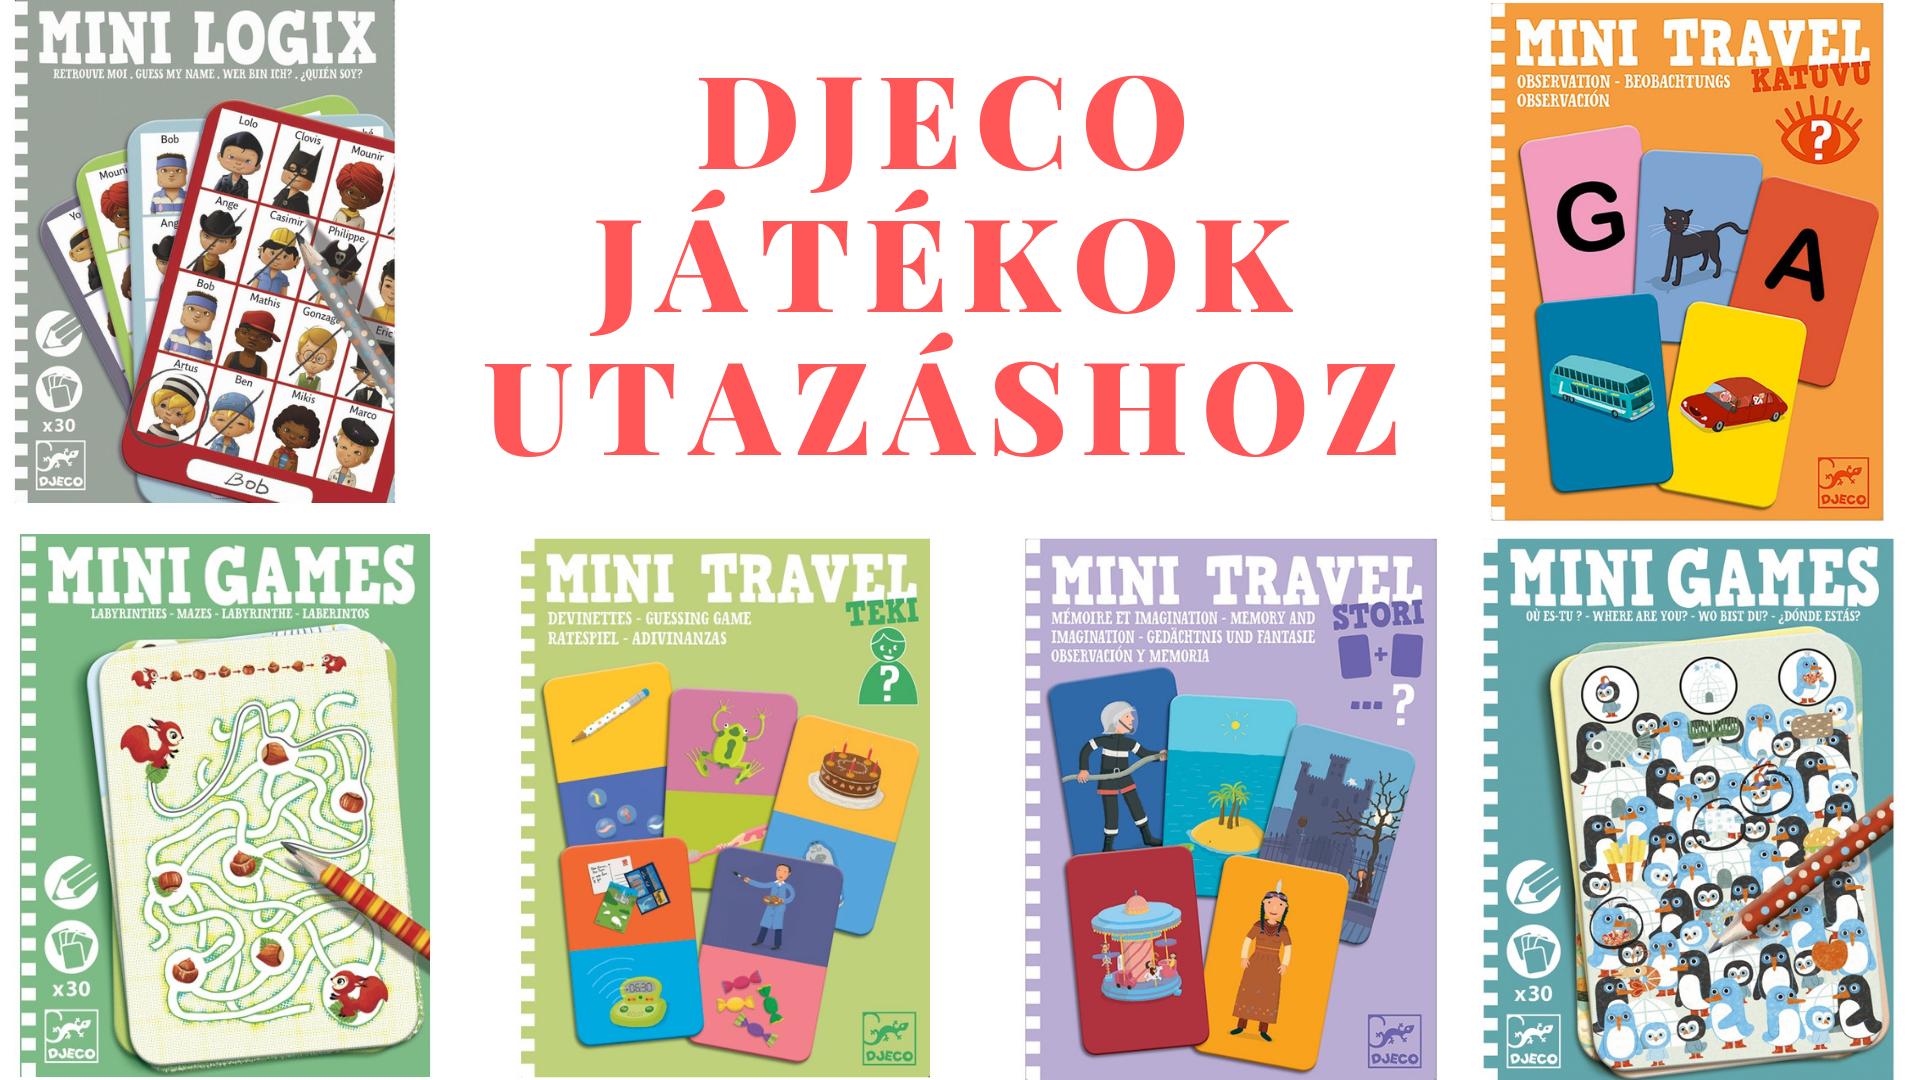 Djeco utazós játékok